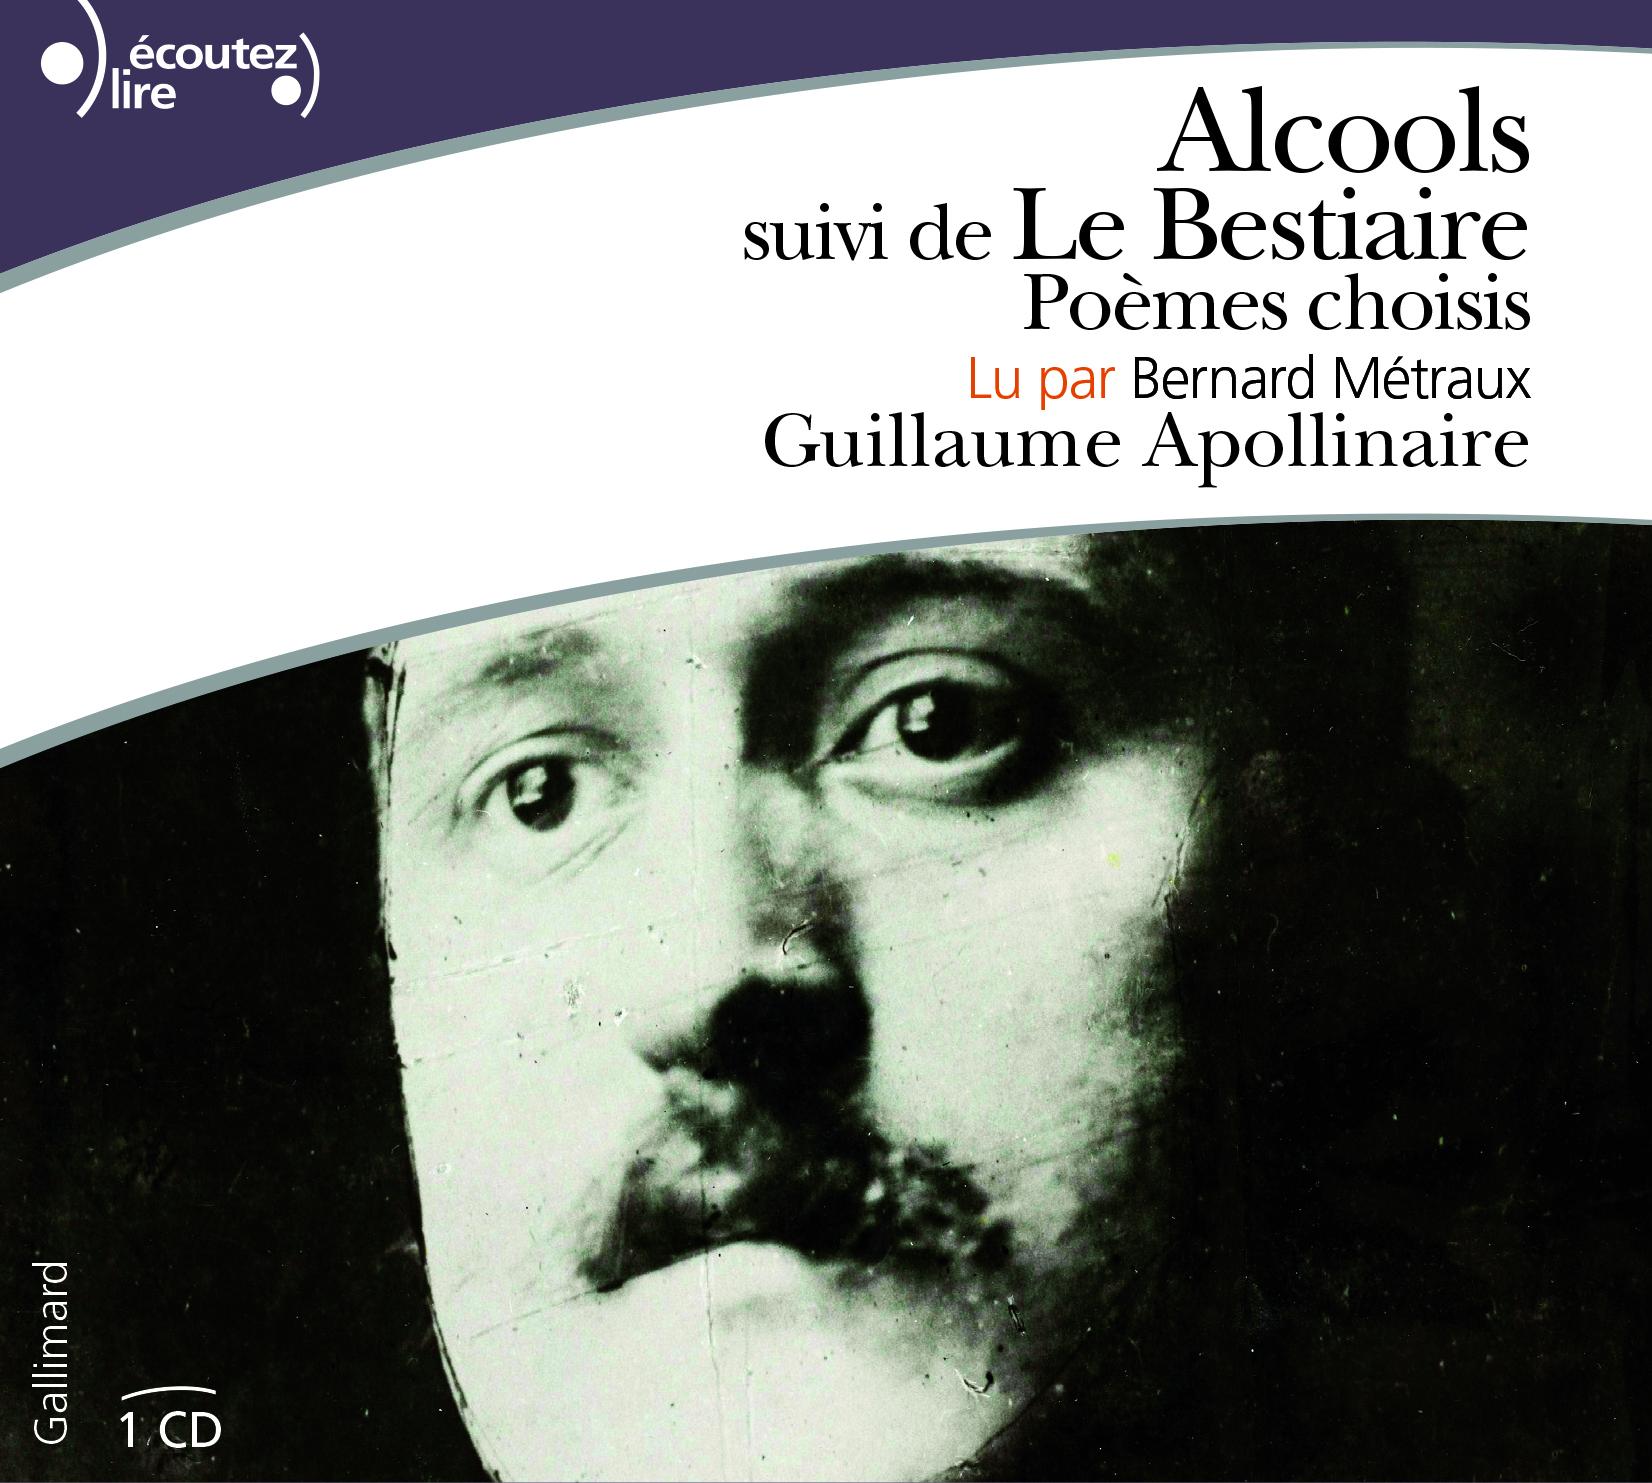 ALCOOLS CD